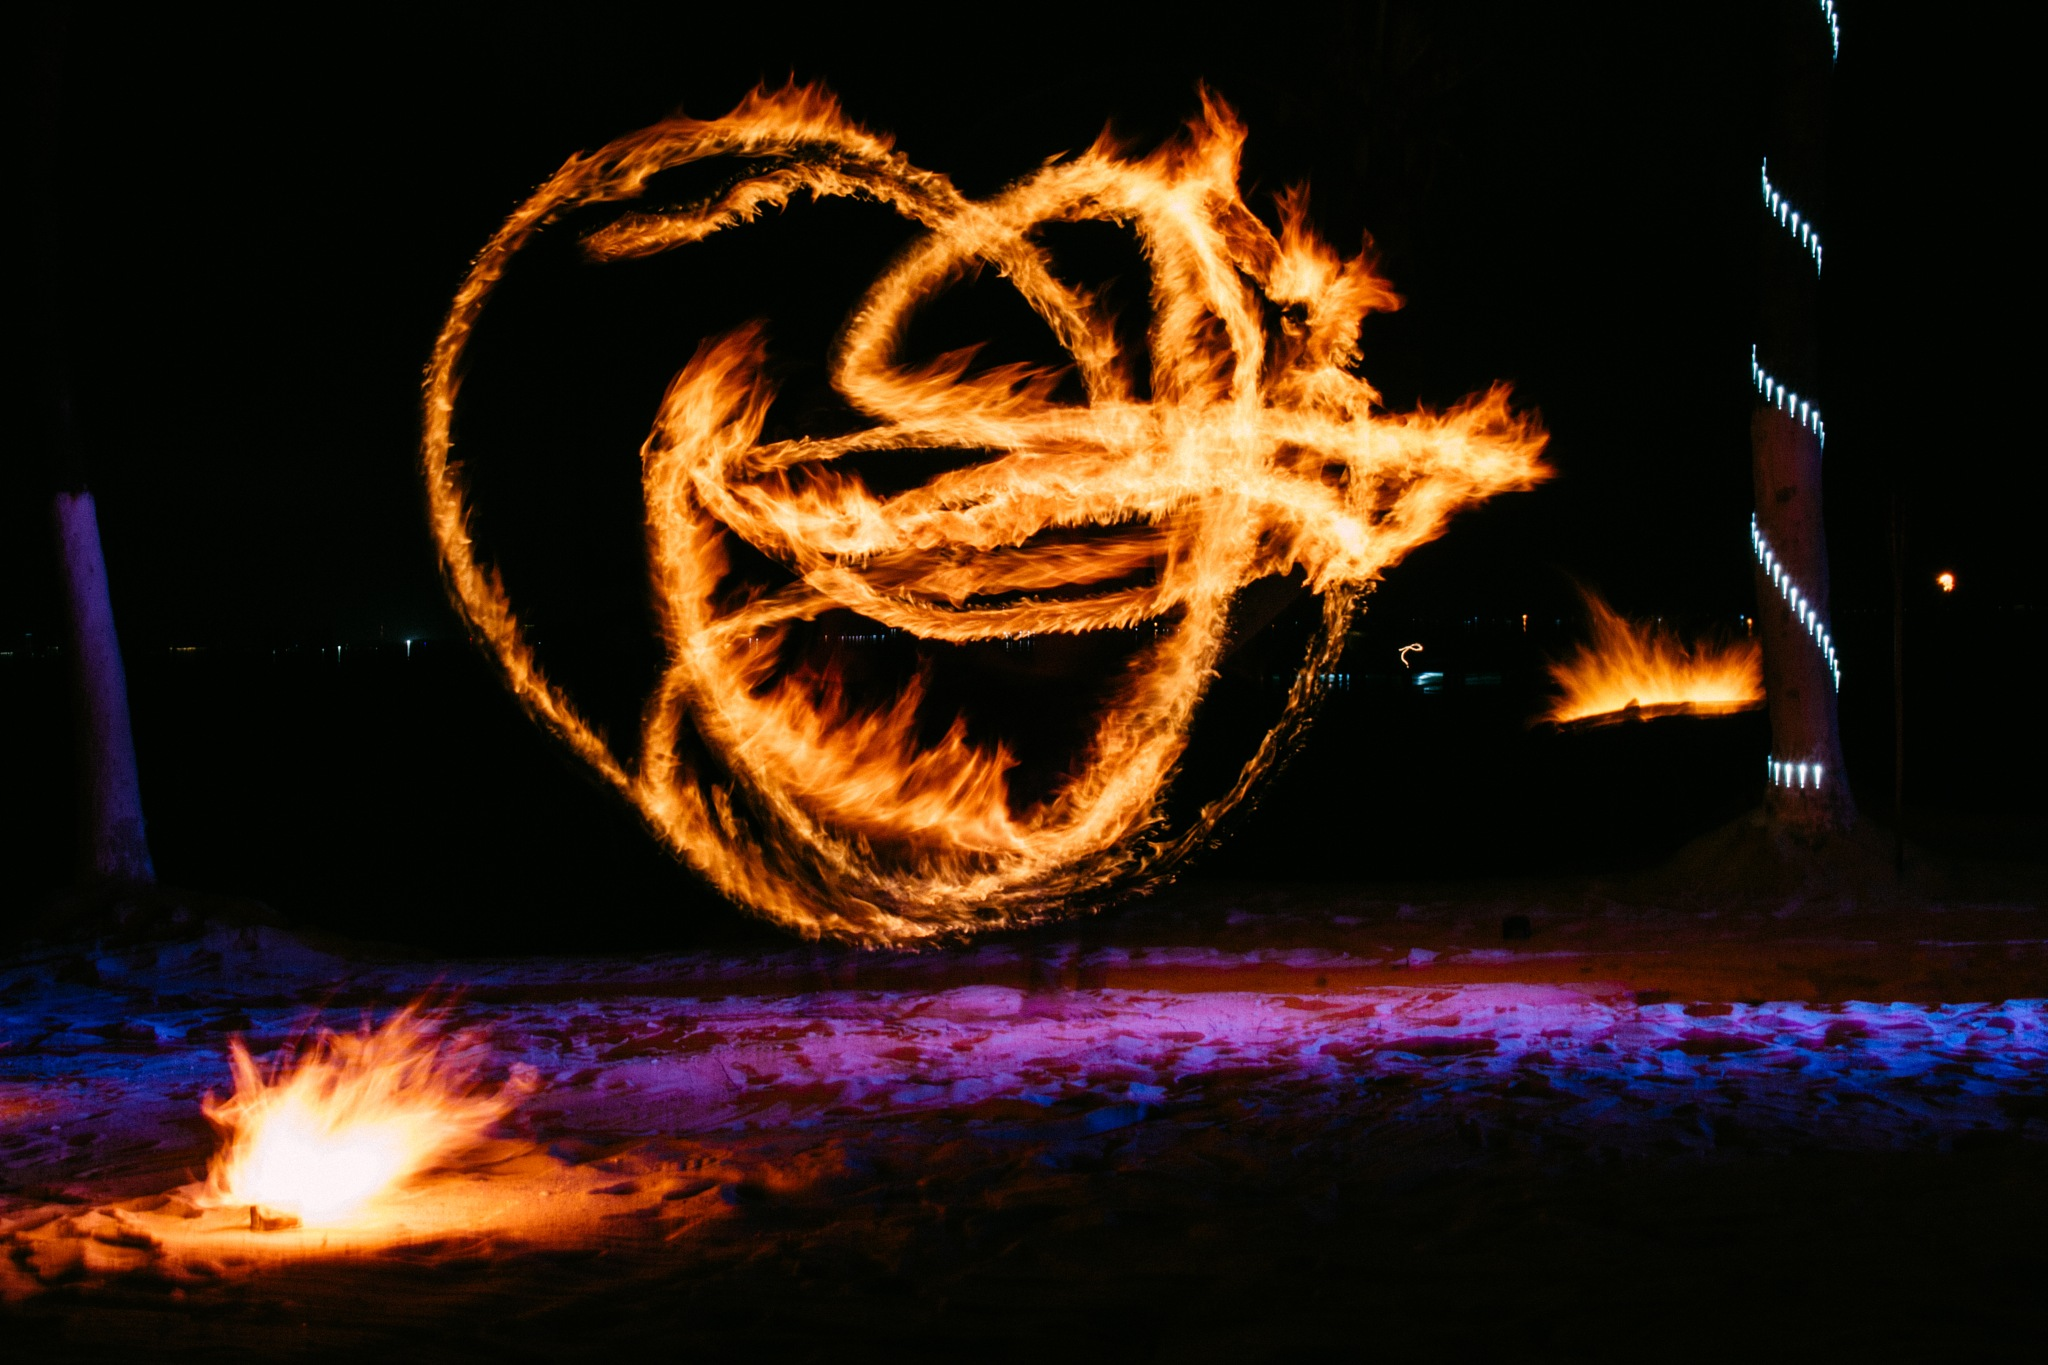 FIRE by Steph Peña